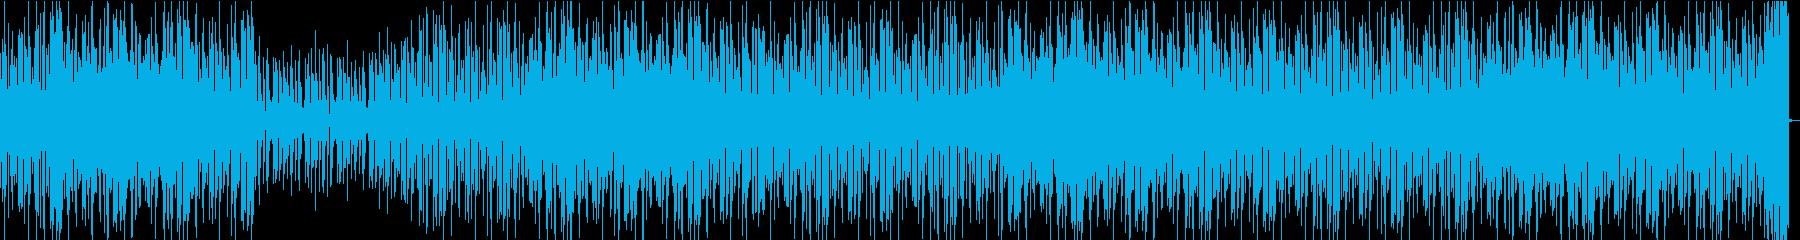 【企業VP】爽やかでキャッチーなBGMの再生済みの波形